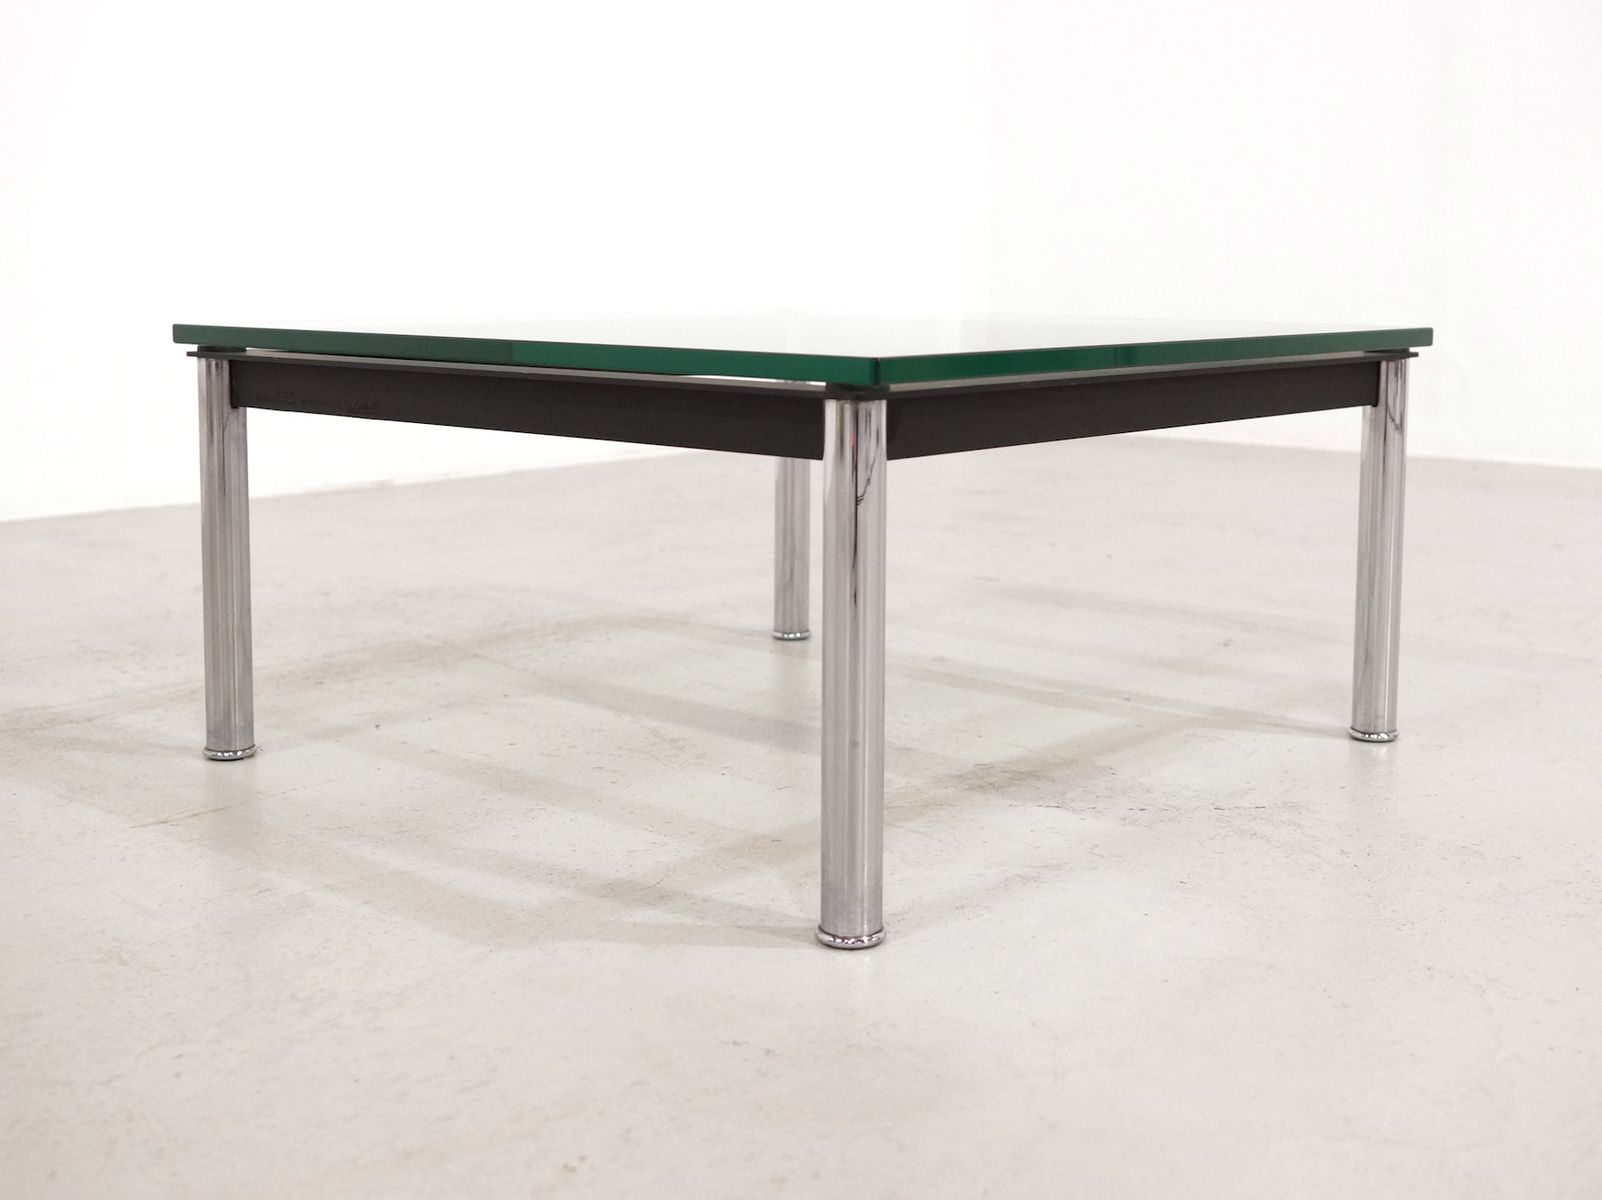 table basse lc10 en verre par le corbusier pour cassina, 1980s en